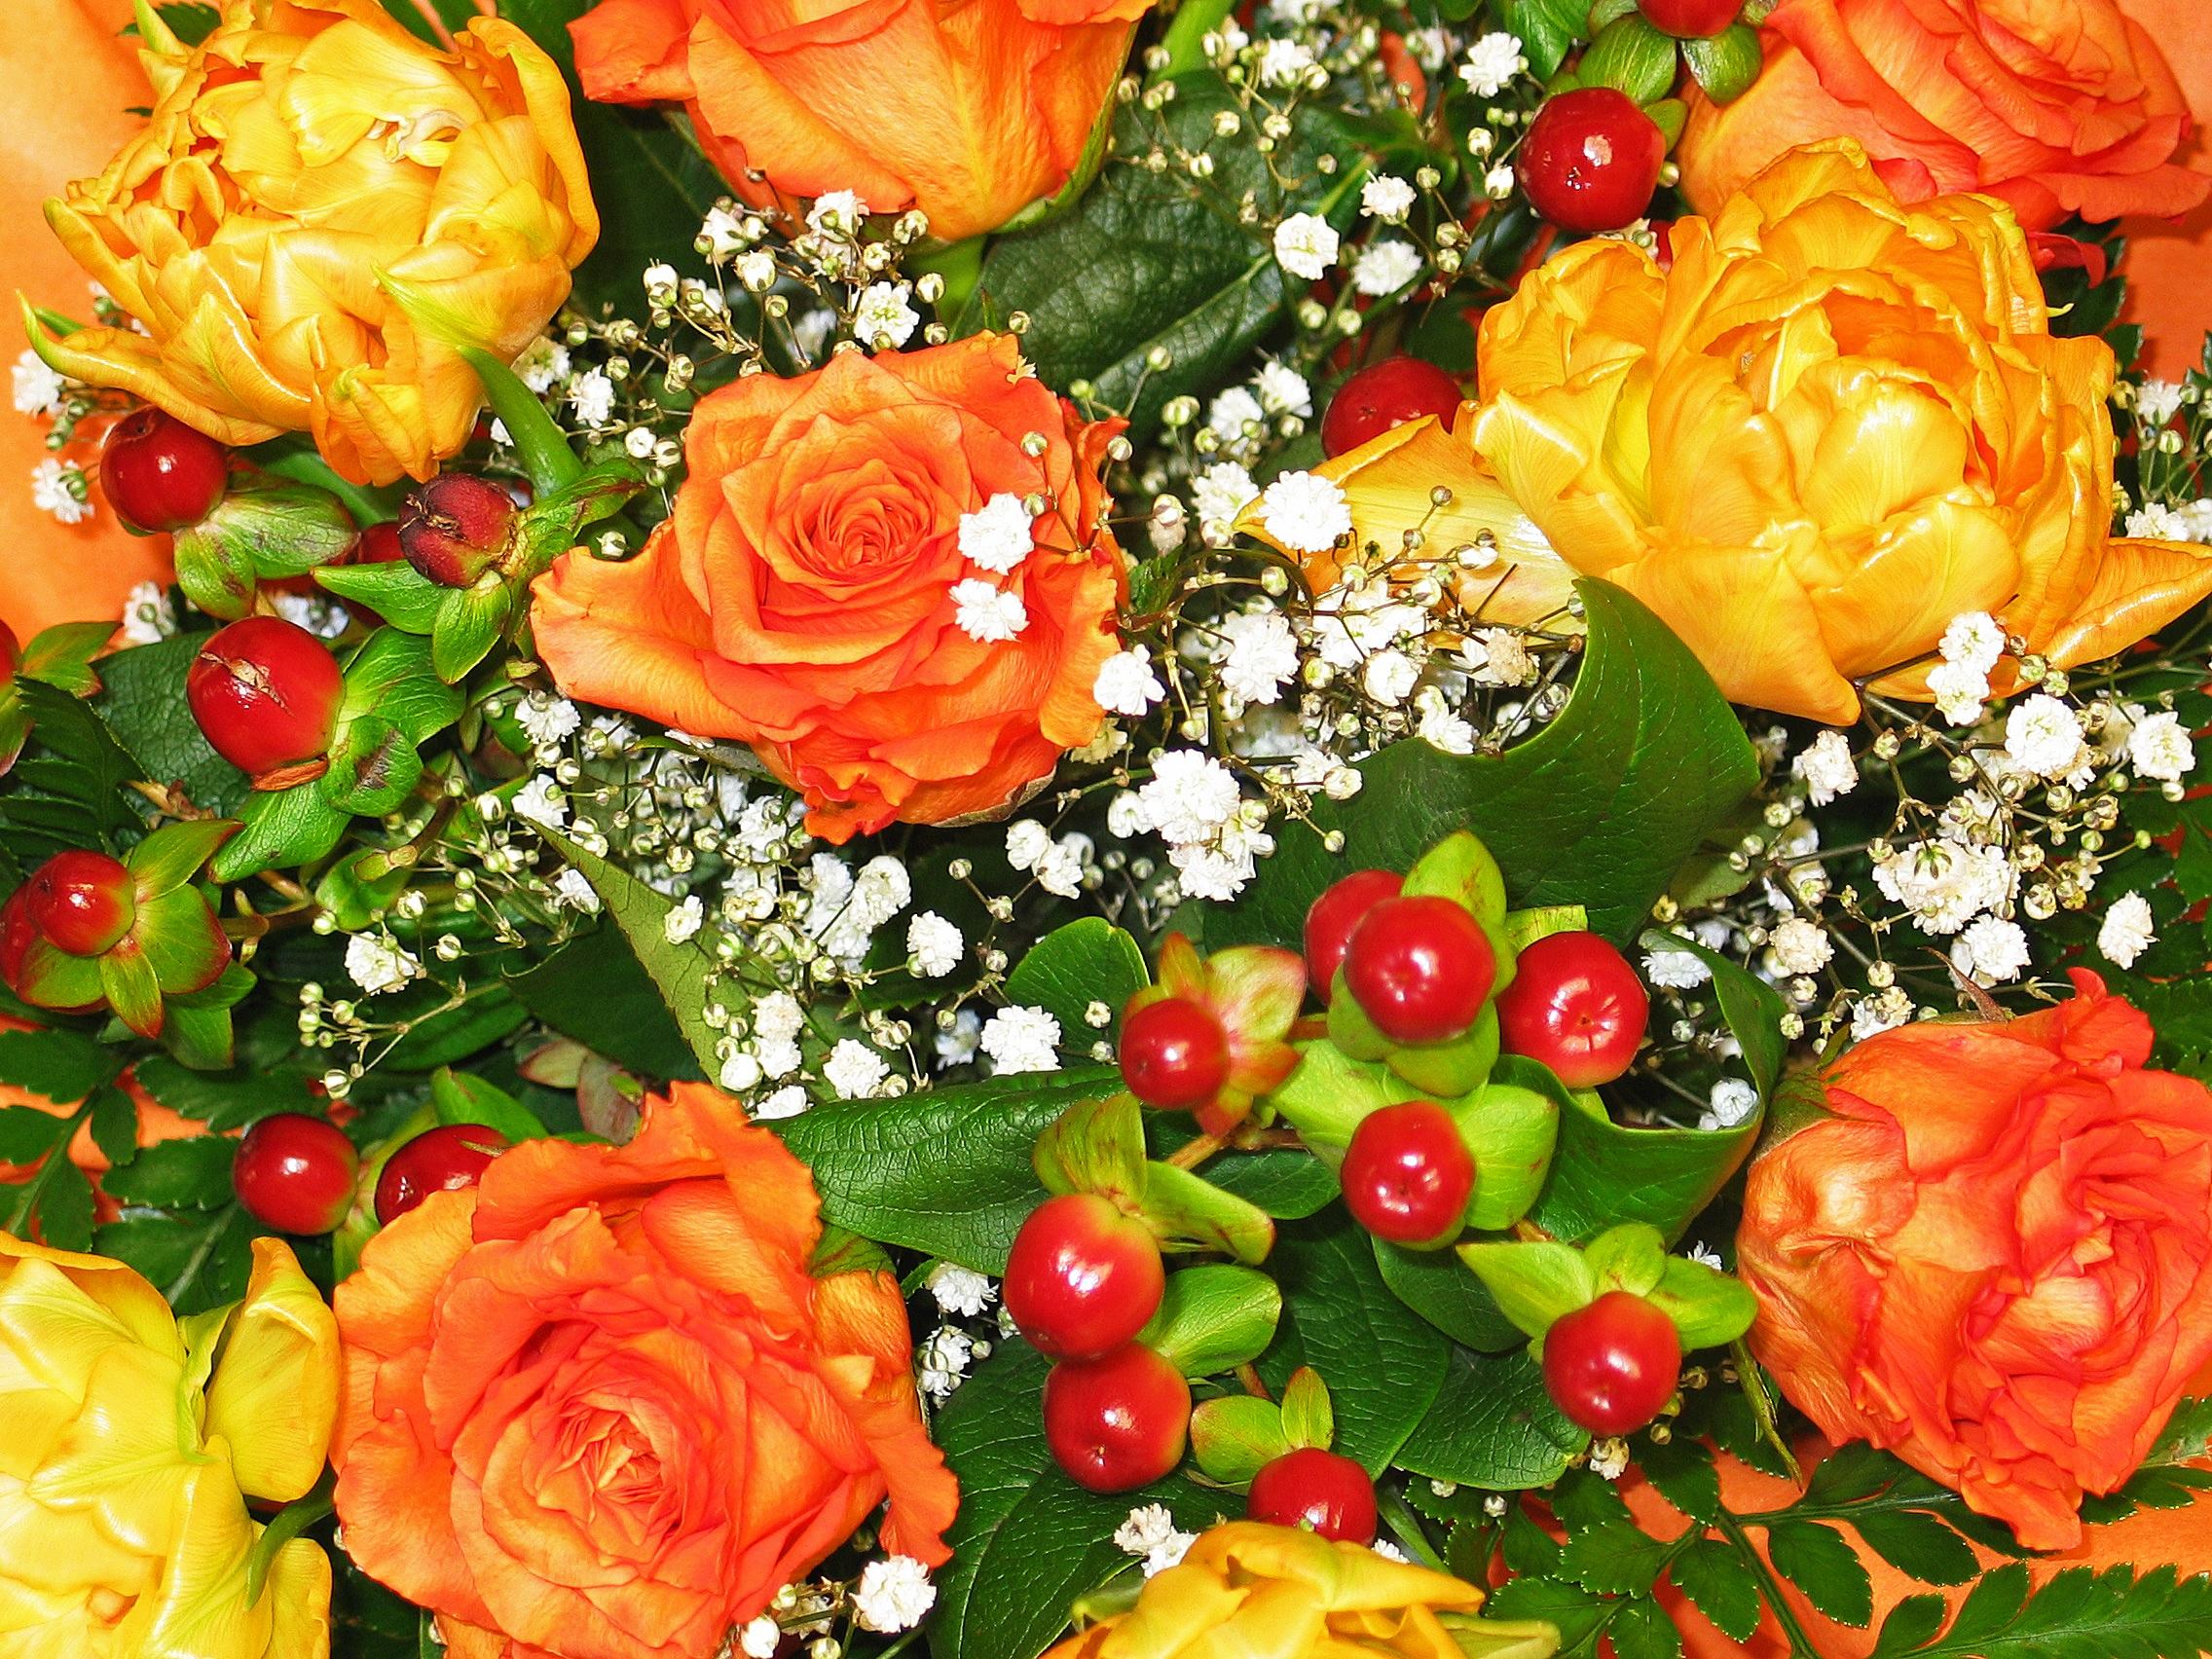 images gratuites p tale amour orange couleur romance romantique relation amicale nature. Black Bedroom Furniture Sets. Home Design Ideas